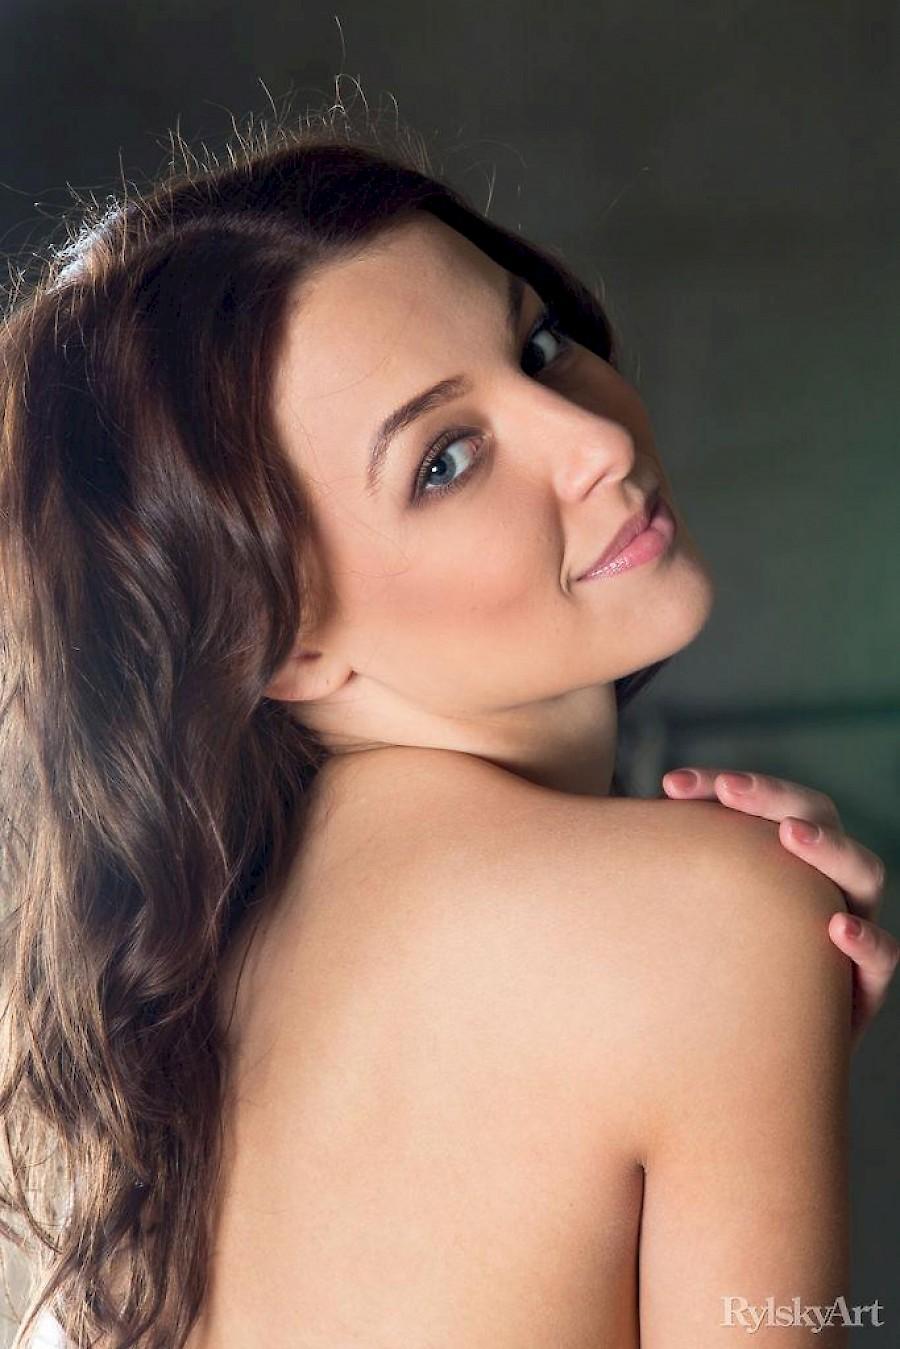 Nikia A Porn nikia a shows you her hot nude body - sexo18 free sexy babes